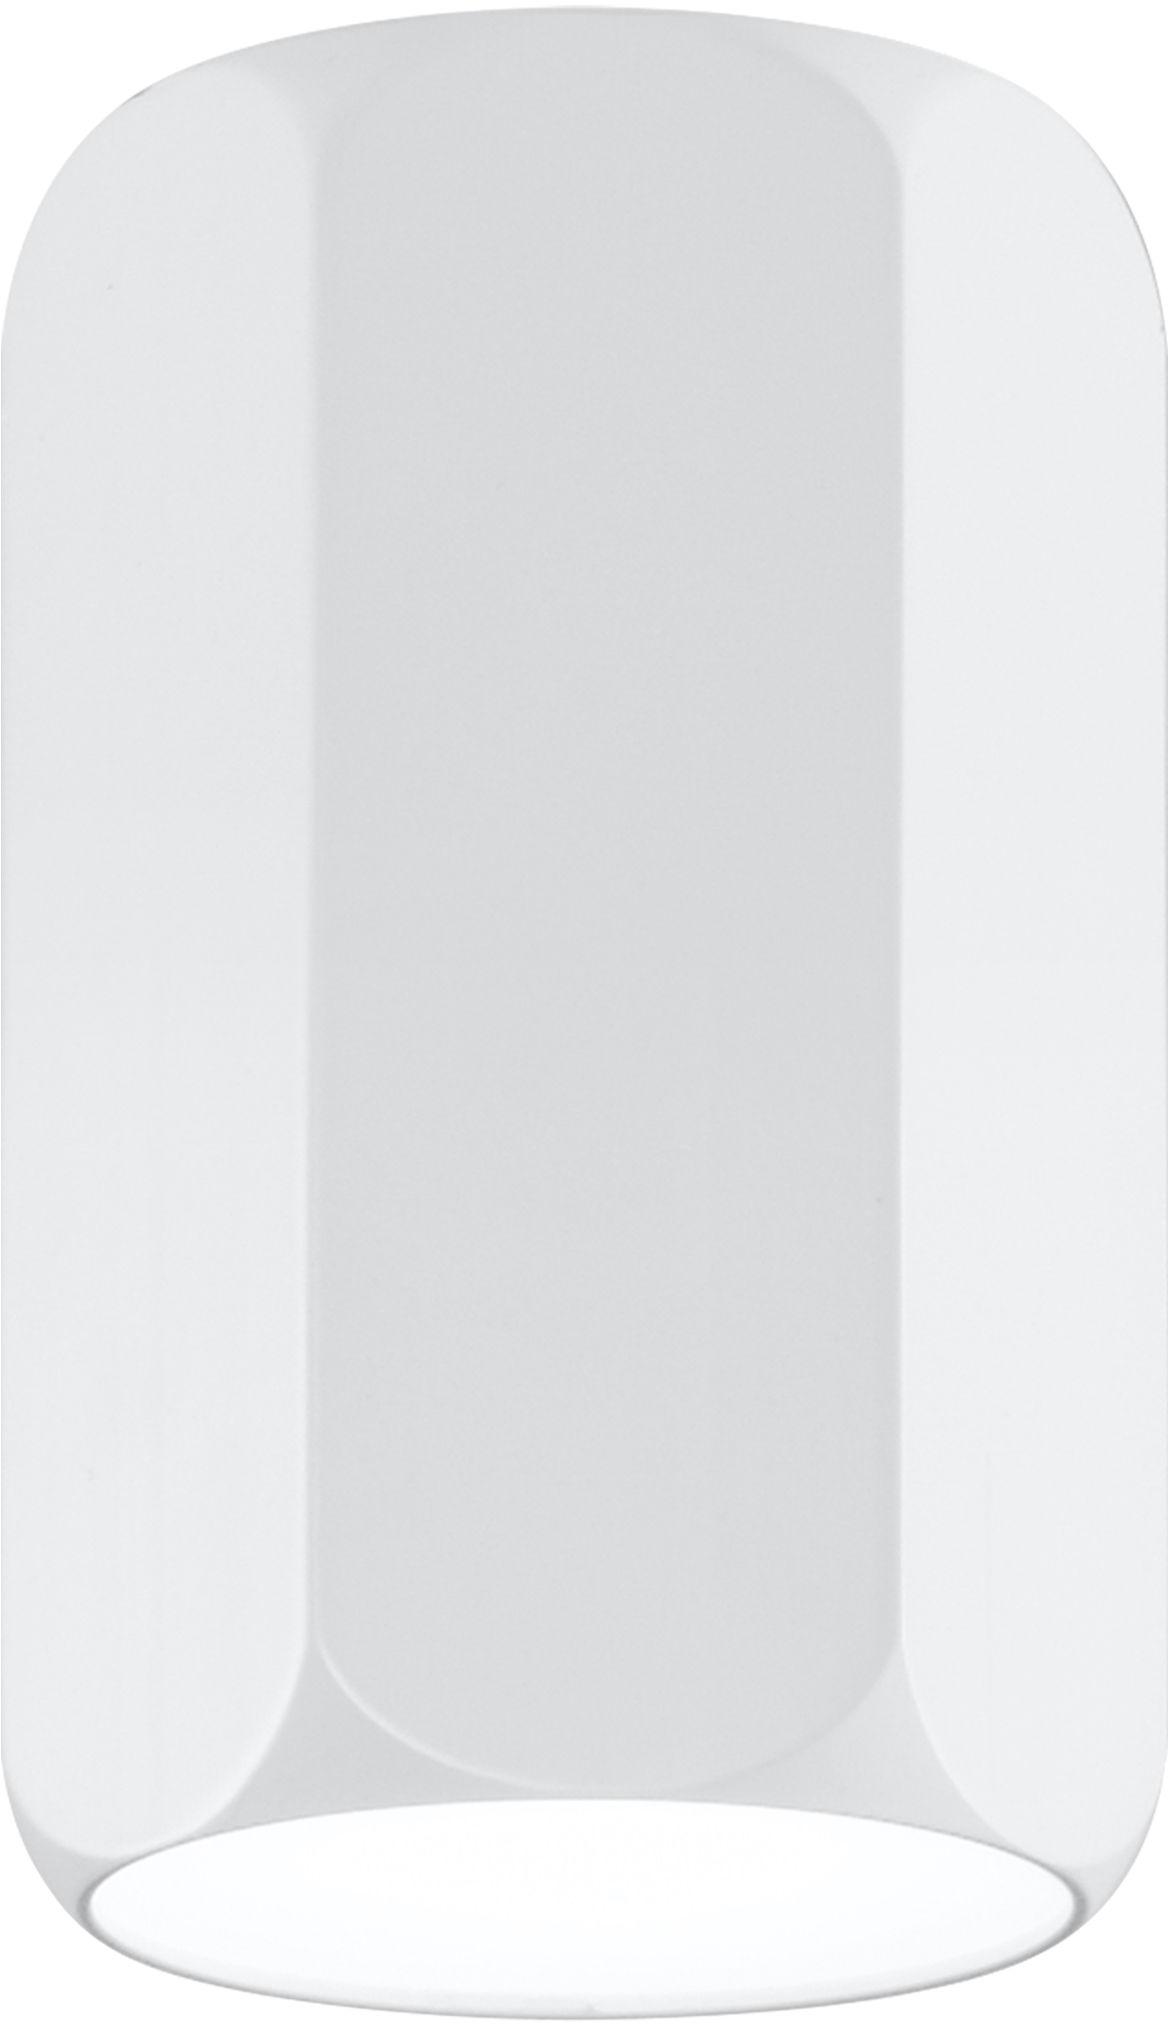 Candellux TUBA 2282855 oprawa stropowa natynkowa sześciobok aluminium biała 1X25W GU10 25 cm